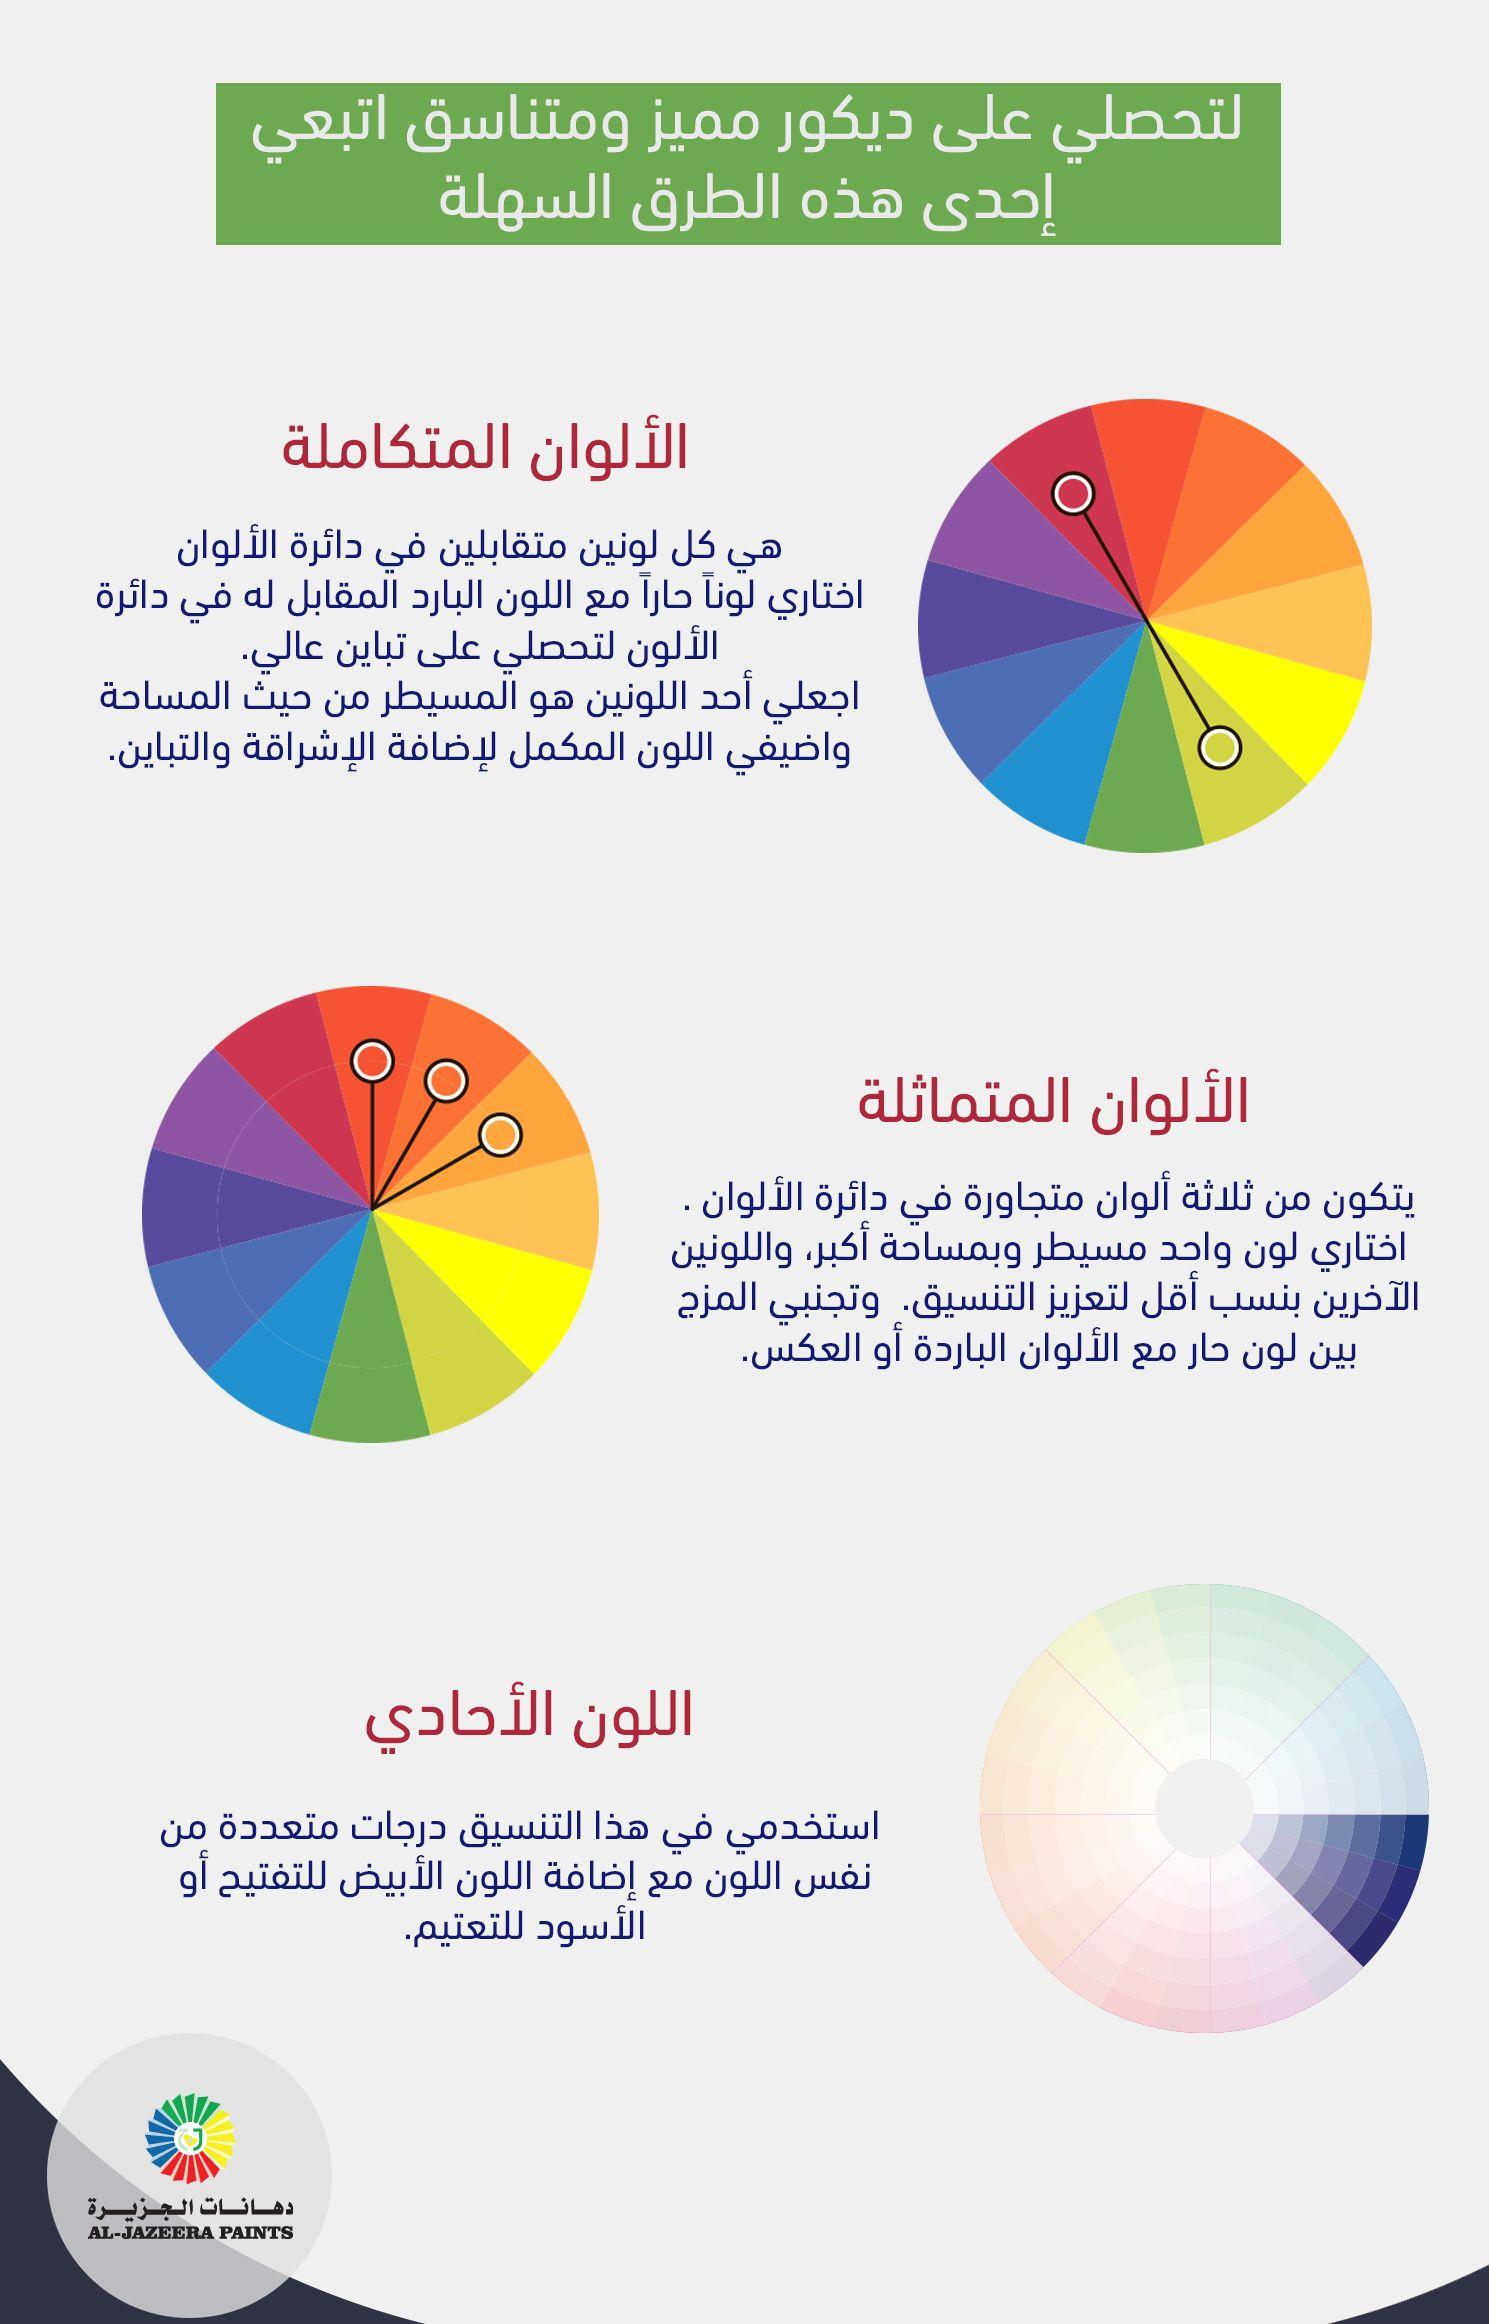 اتبعي إحدى هذه الطرق السهلى لتحصلي على ديكور مميز ومتناسق Pie Chart Chart Color